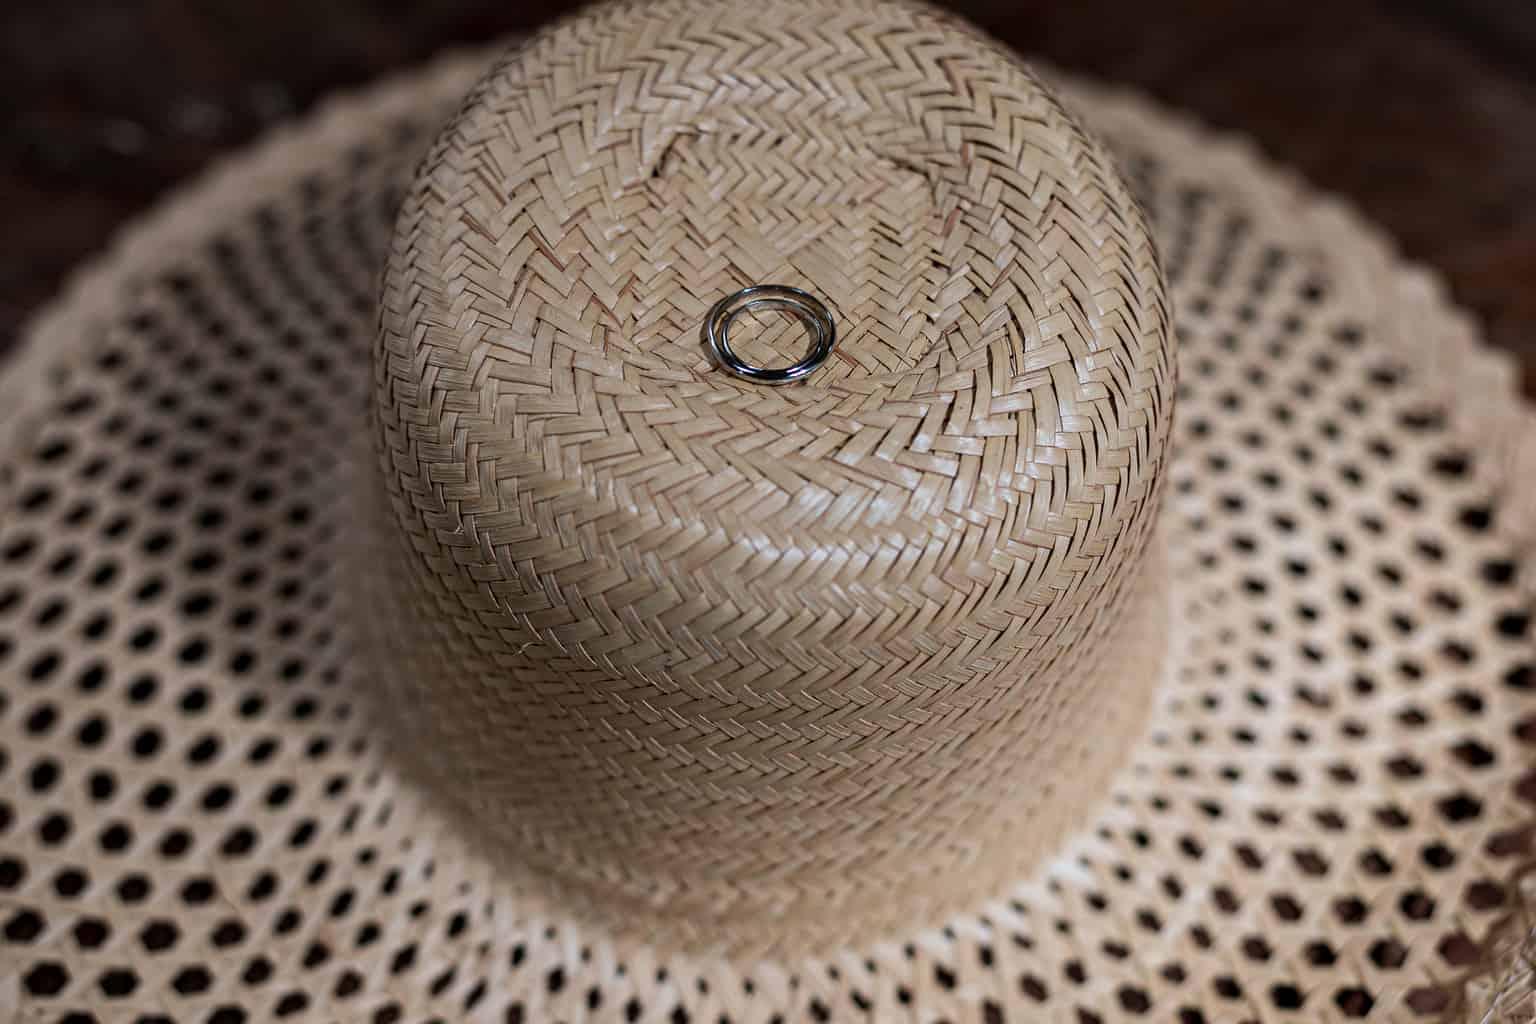 Casamento-Victoria-e-Christian-Fotografia-Tiago-Saldanha62_MG_0345